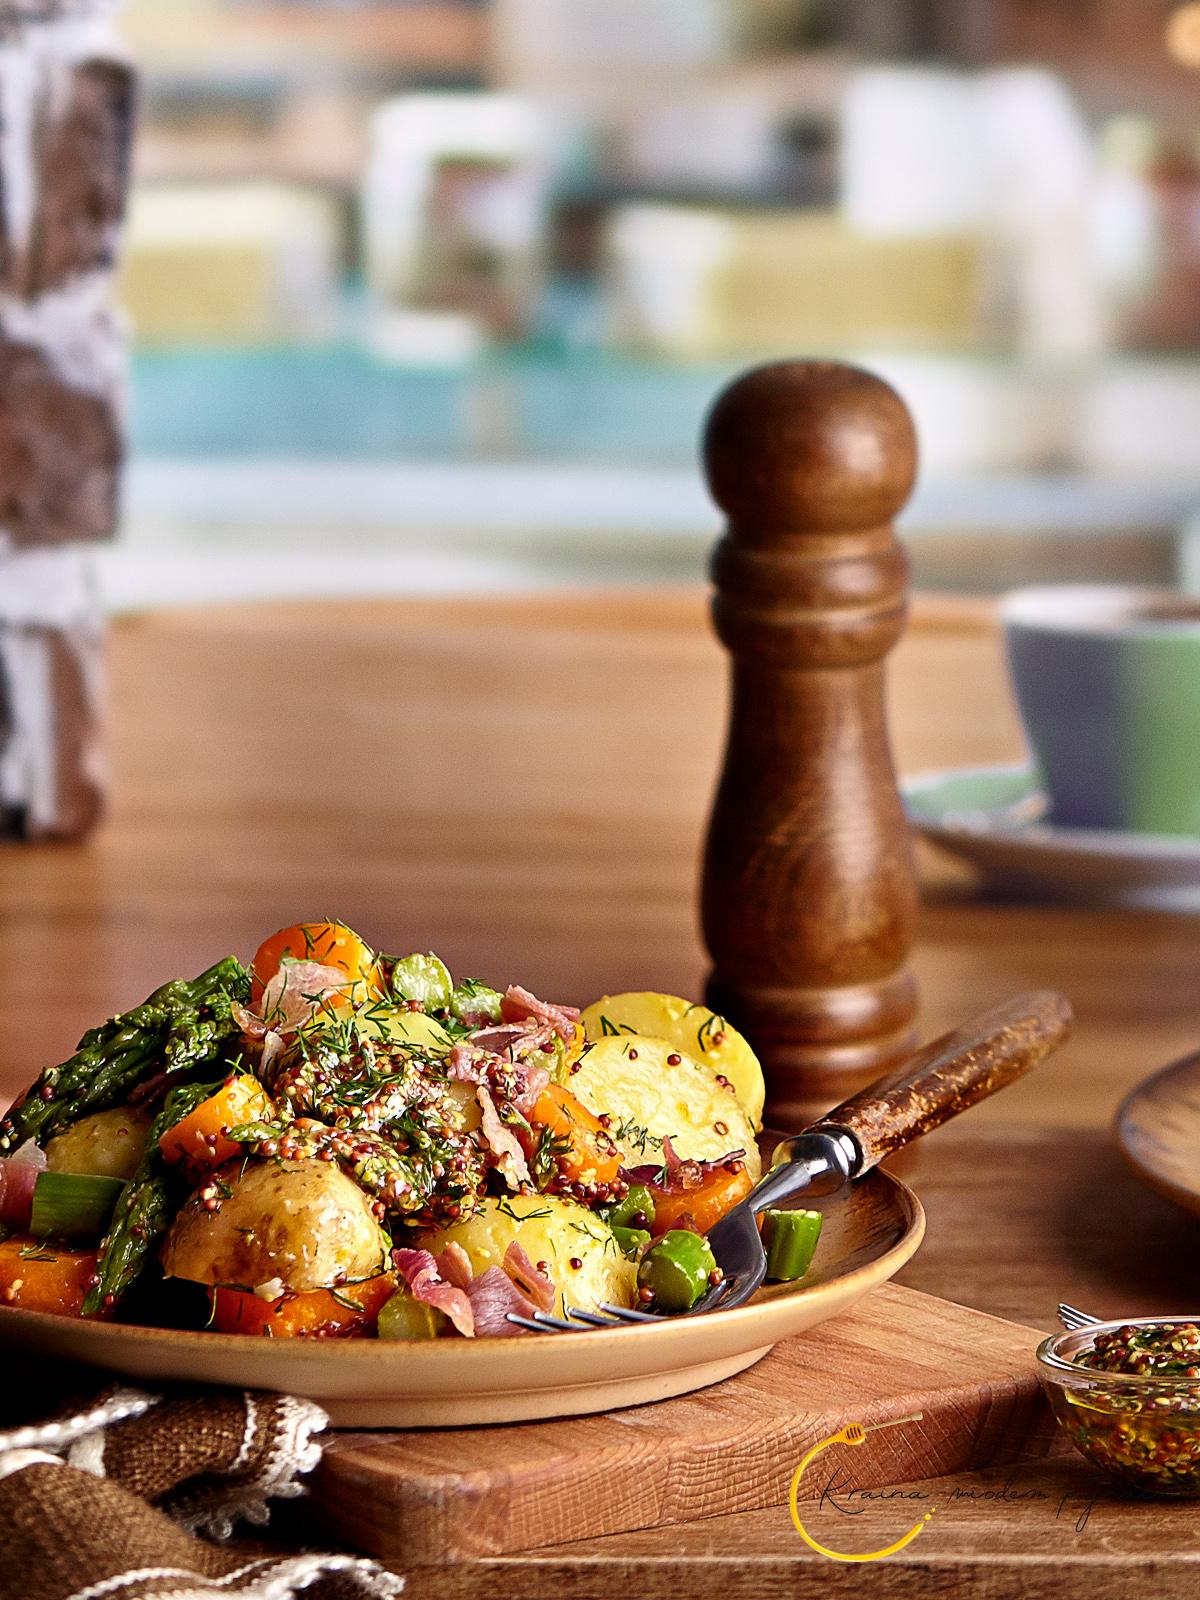 Młode warzywa w sosie musztardowym, pomysł na szparagi, sałatka ziemniaczana, sałatka ze szparagami, sałatka z marchewką, szparagi na obiad, sos musztardowy, sos z musztardą francuską, musztarda francuska, kraina miodem płynąca, fotografia kulinarna szczecin,